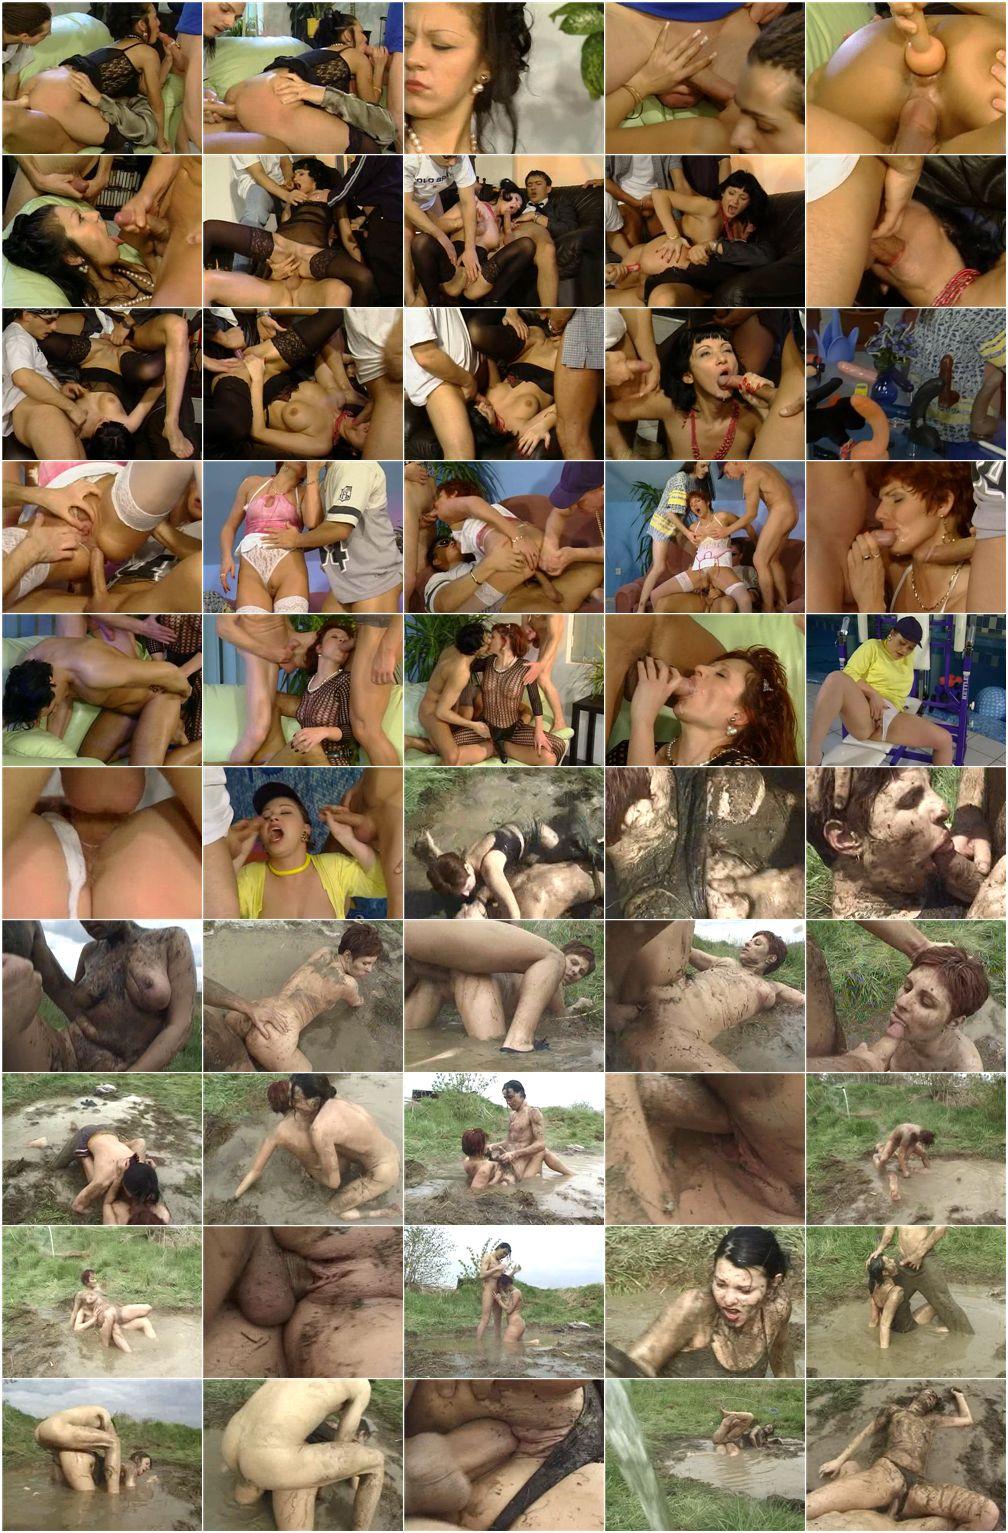 fotogalerei-iz-pornofilmov